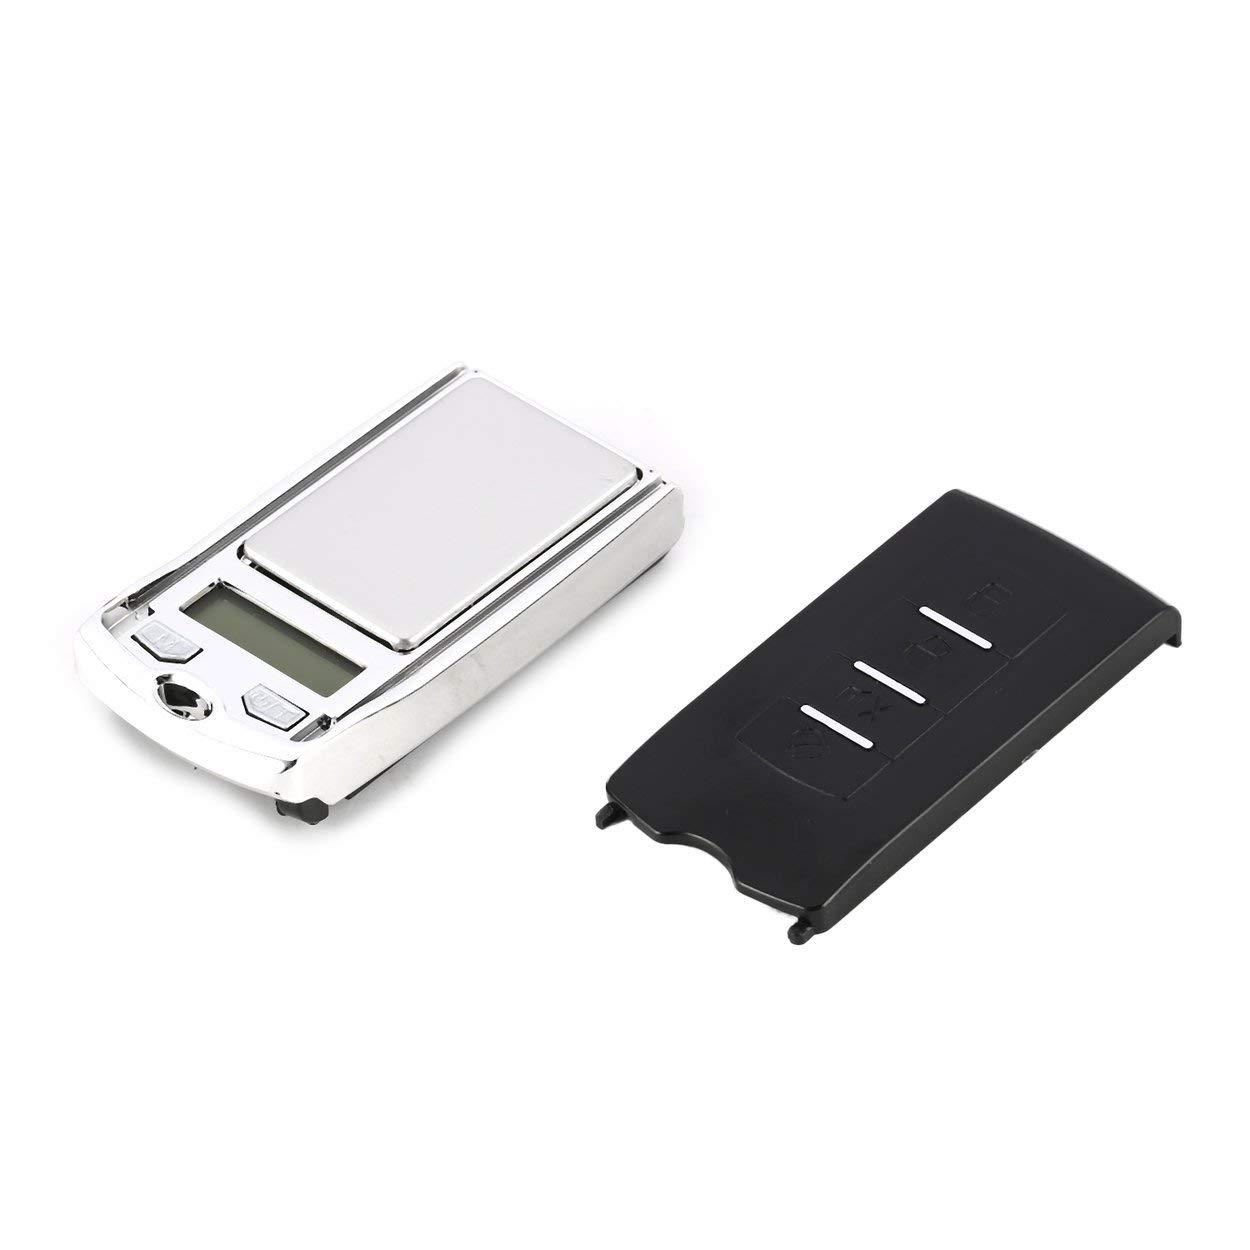 Lorenlli Mini balance de poche numérique, poids de précision g/dwt / ct de précision 200 g 0.01g pour pesage de bijoux de cuisine et de pharmacie